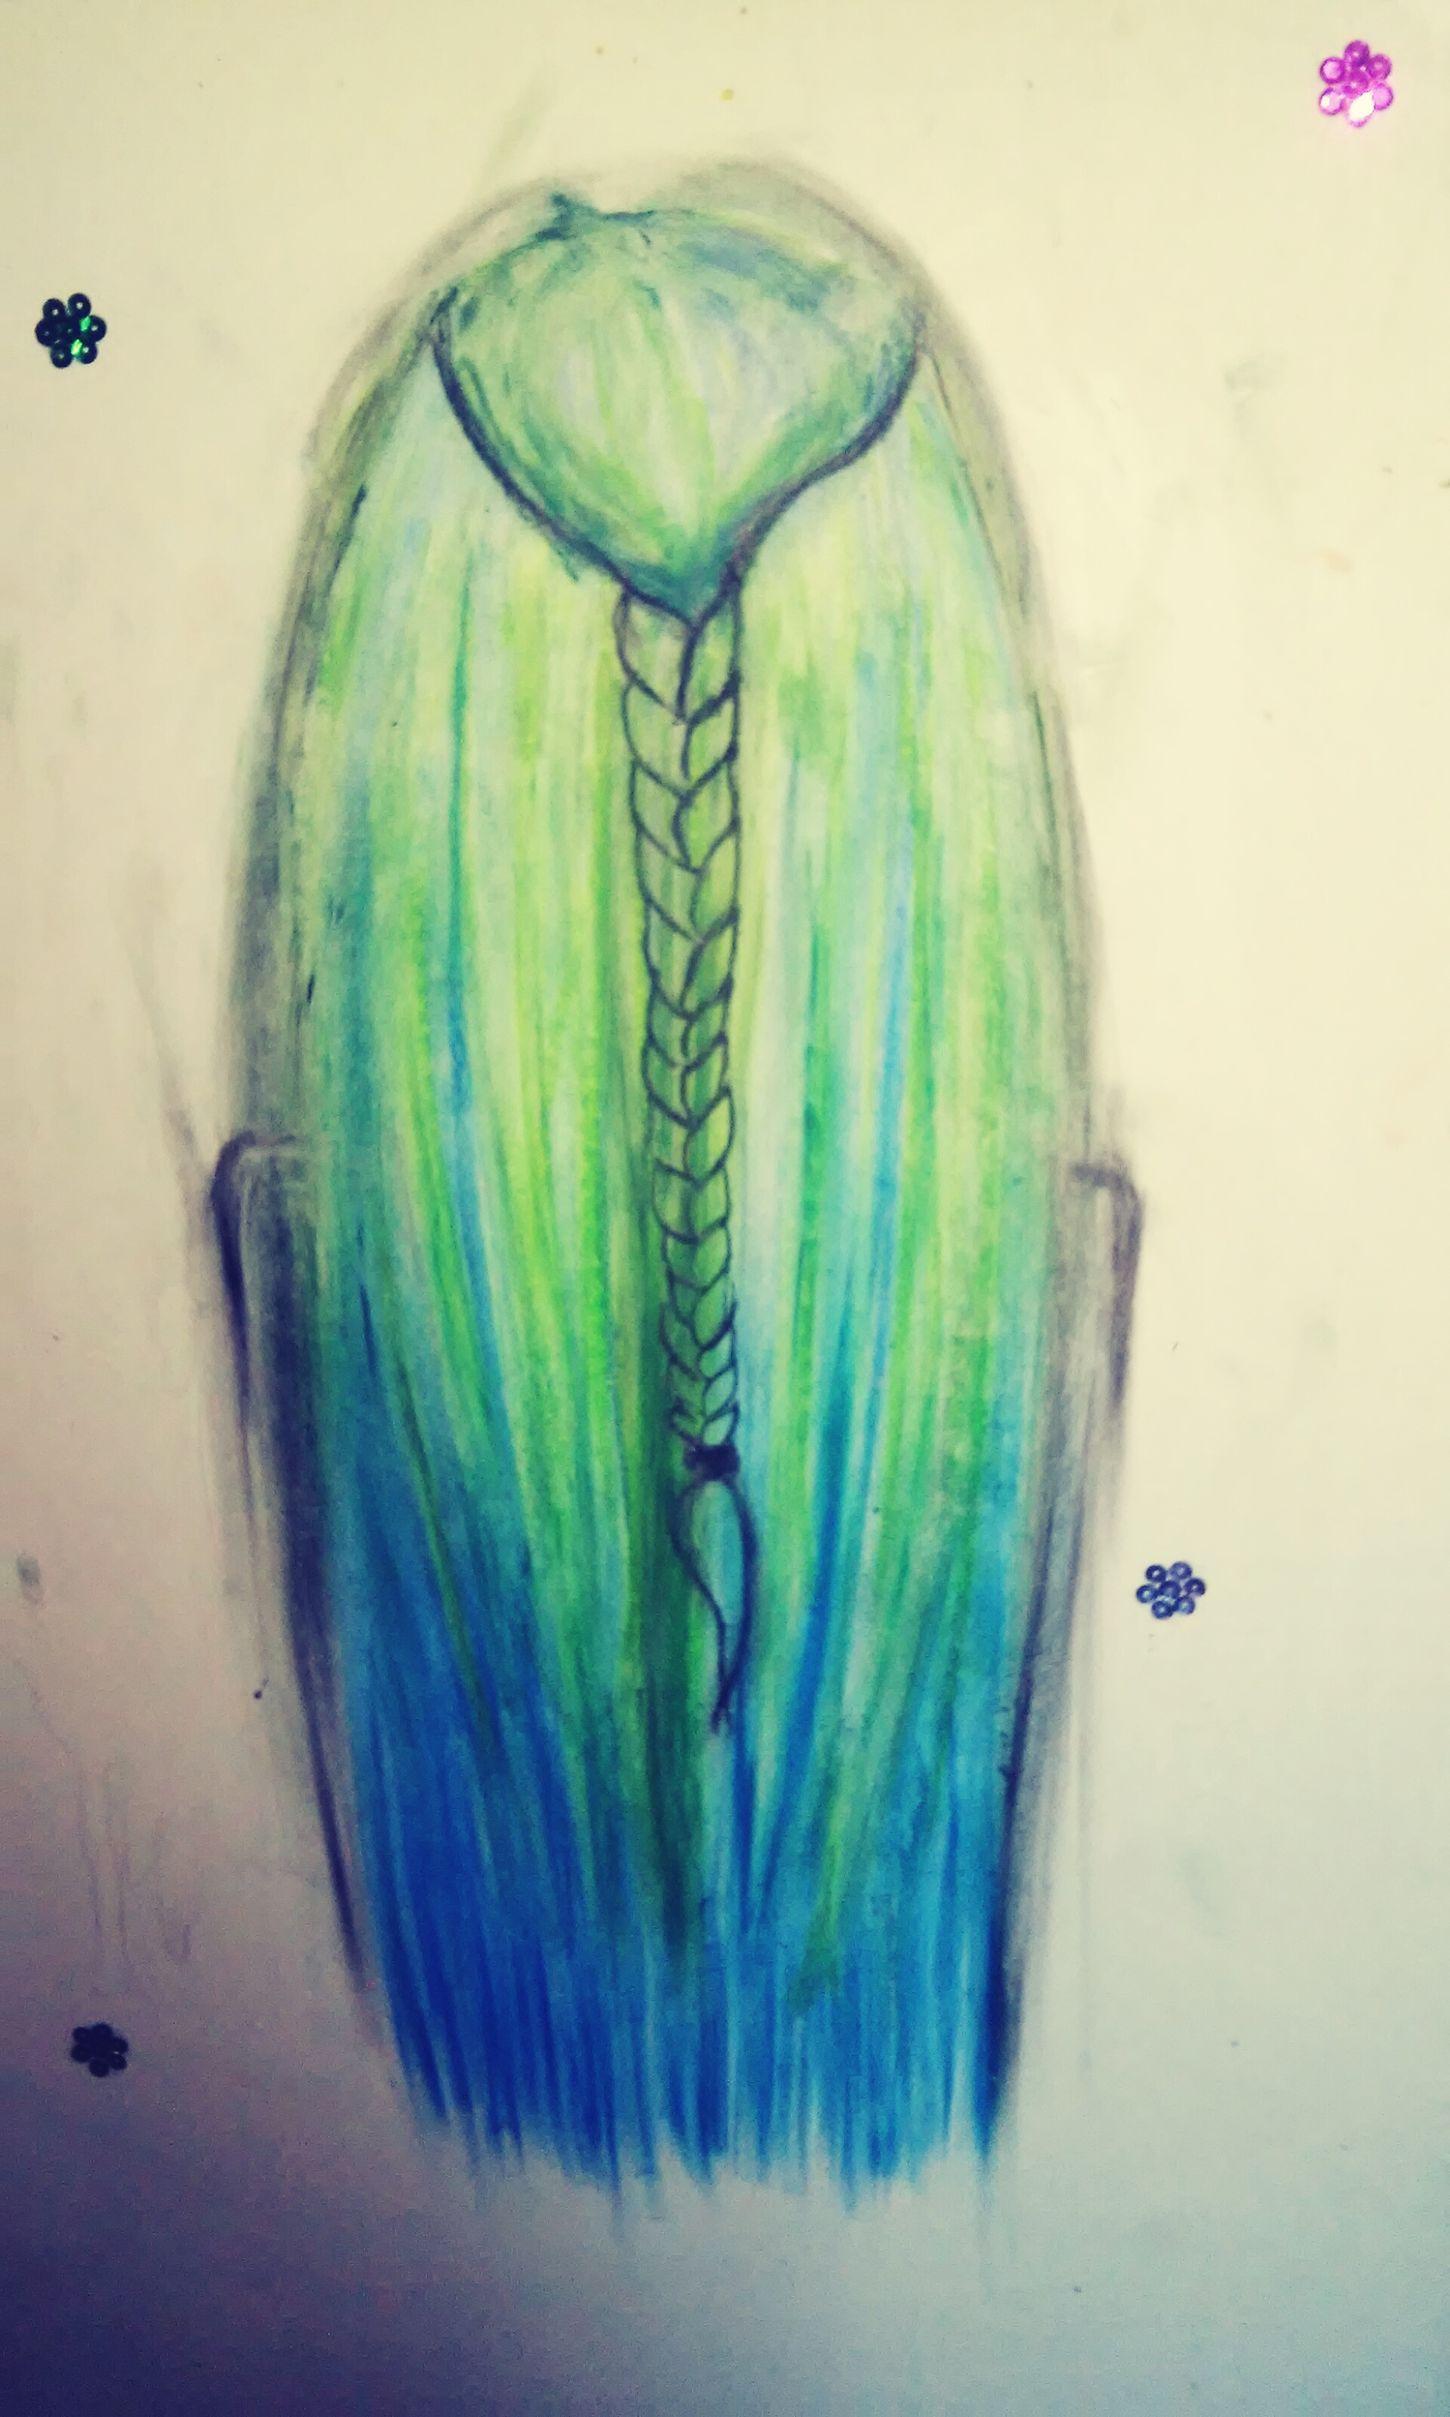 Puerta te amo? Art Room Drawing Drawings Nice Hairdrawing Hairstyles EyeEm First Eyeem Photo Hairstyle